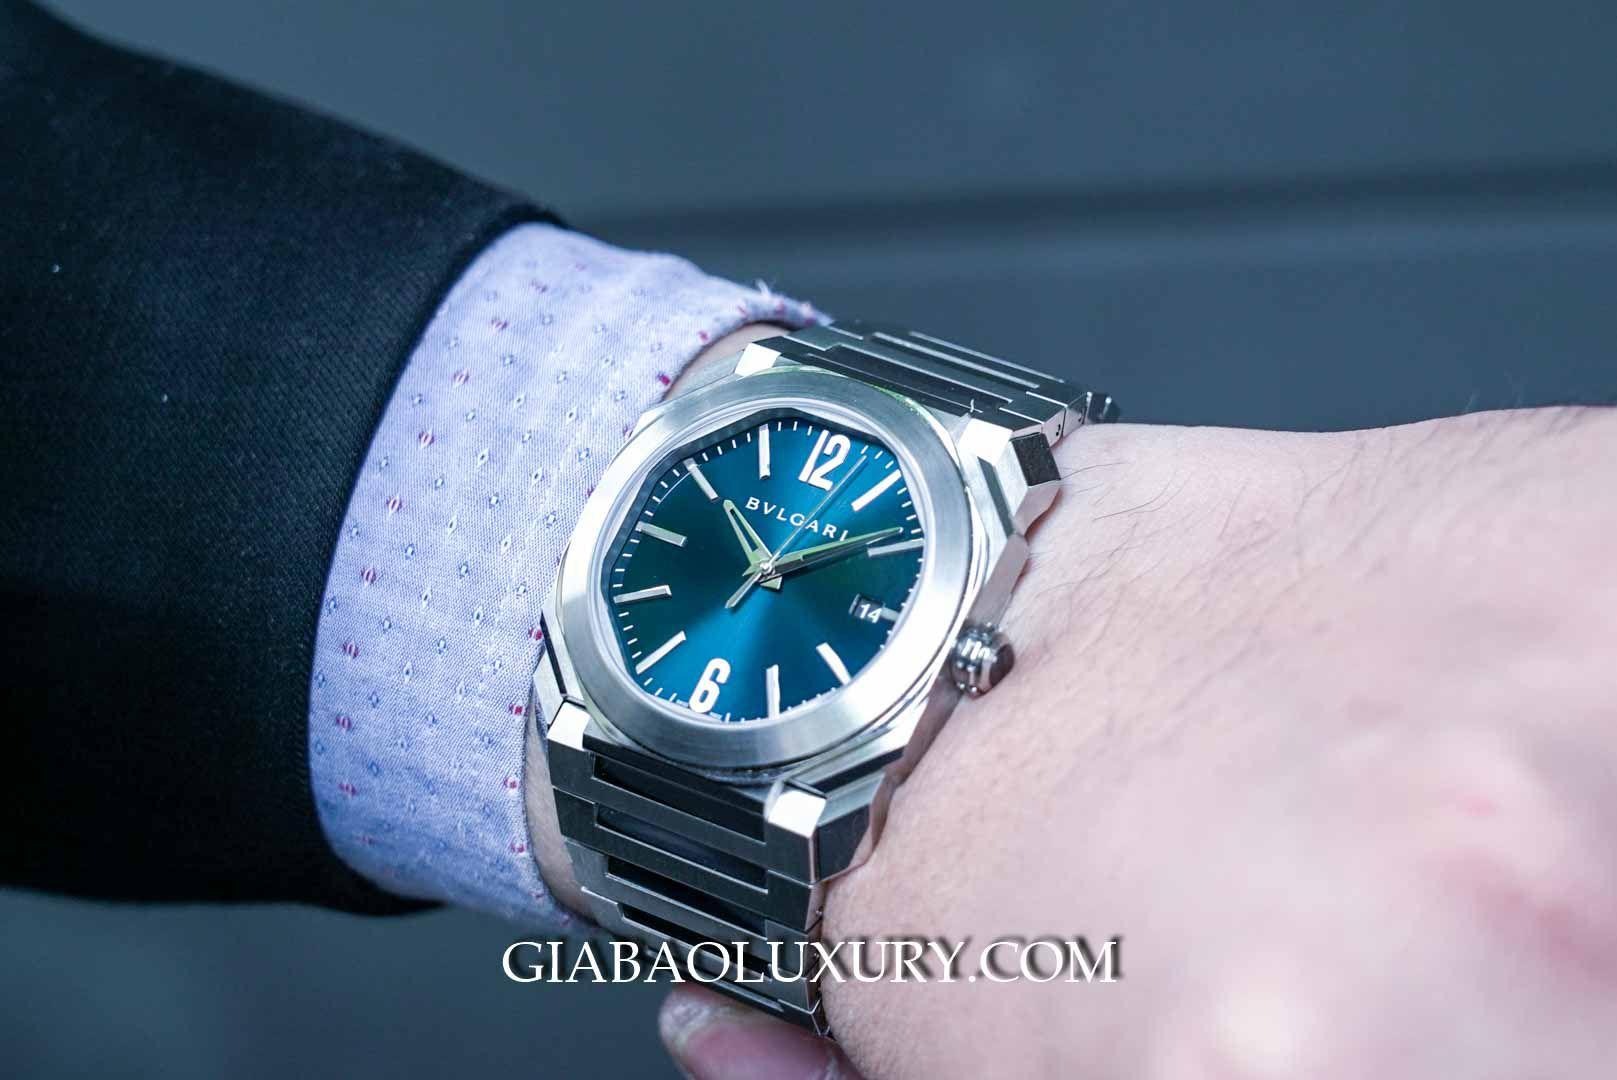 Thu mua đồng hồ Bvlgari tại cửa hàng Gia Bảo Luxury